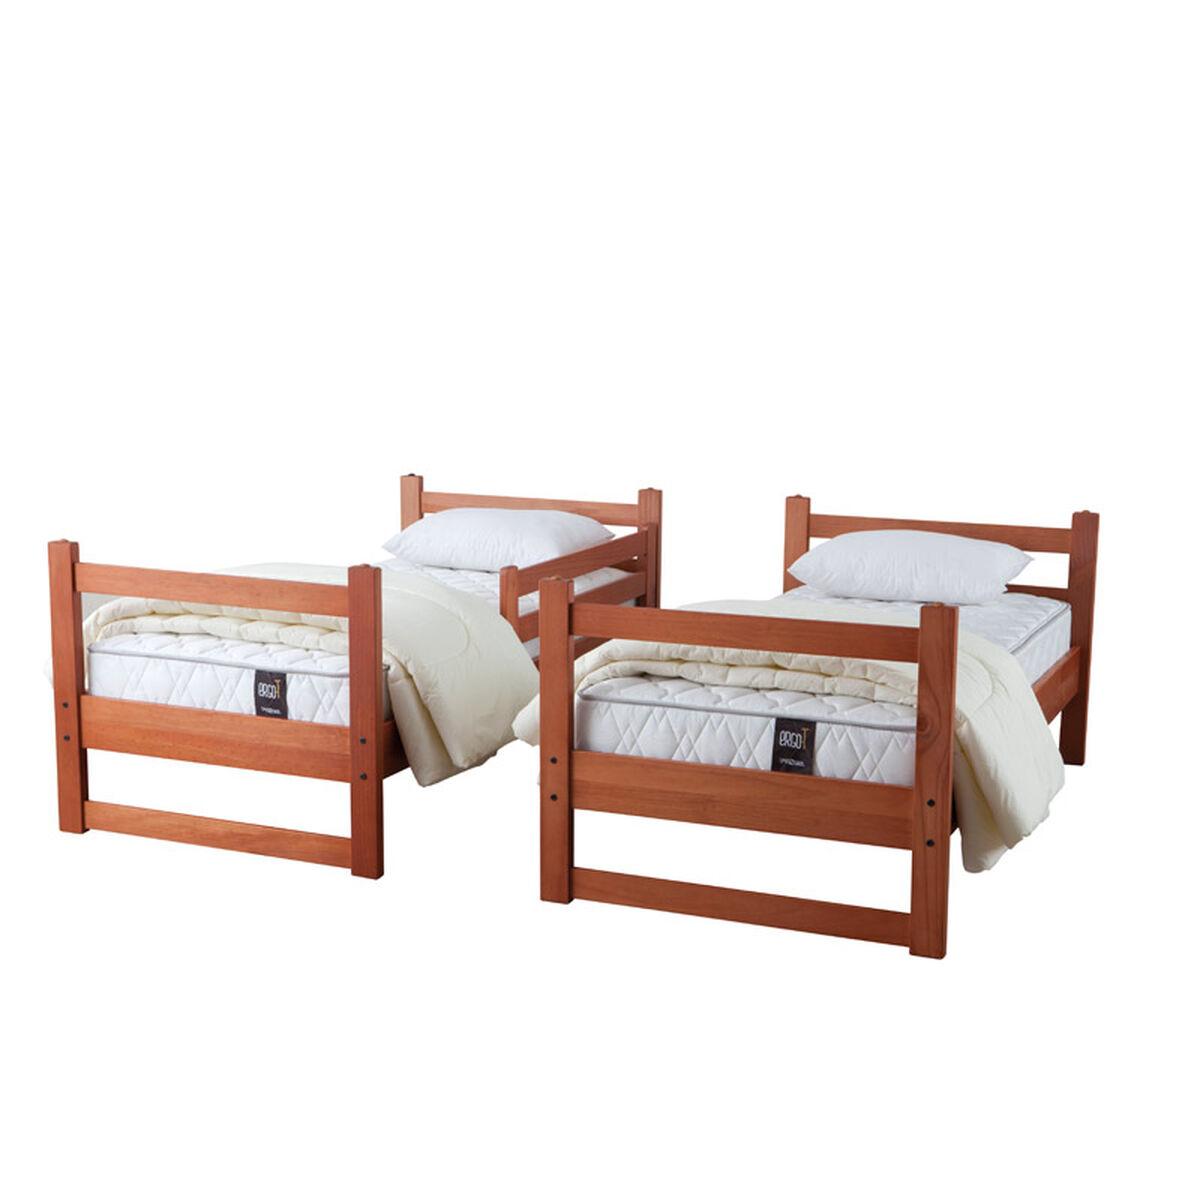 Camarote 1 plaza Rosen Ergo-T + 2 Colchones + Textil